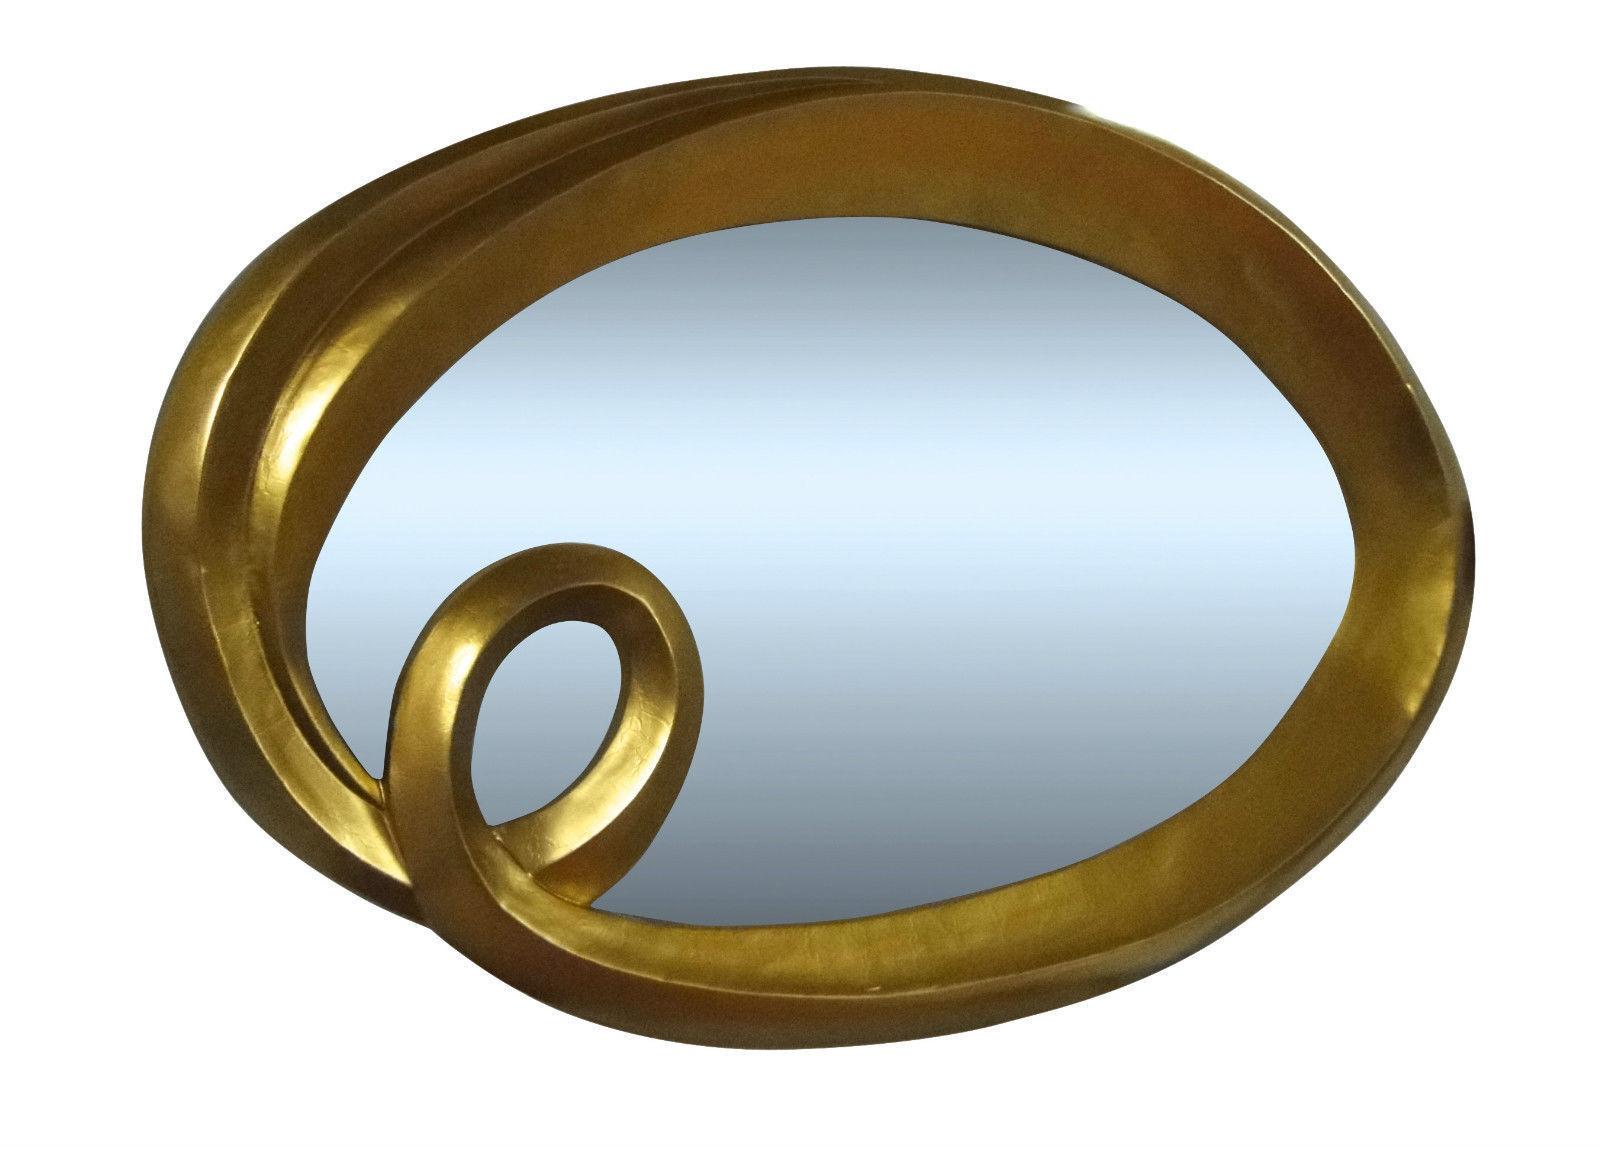 Gross Spiegel Gold 125x95cm Wandspiegel Gold Barock Rahmen ...